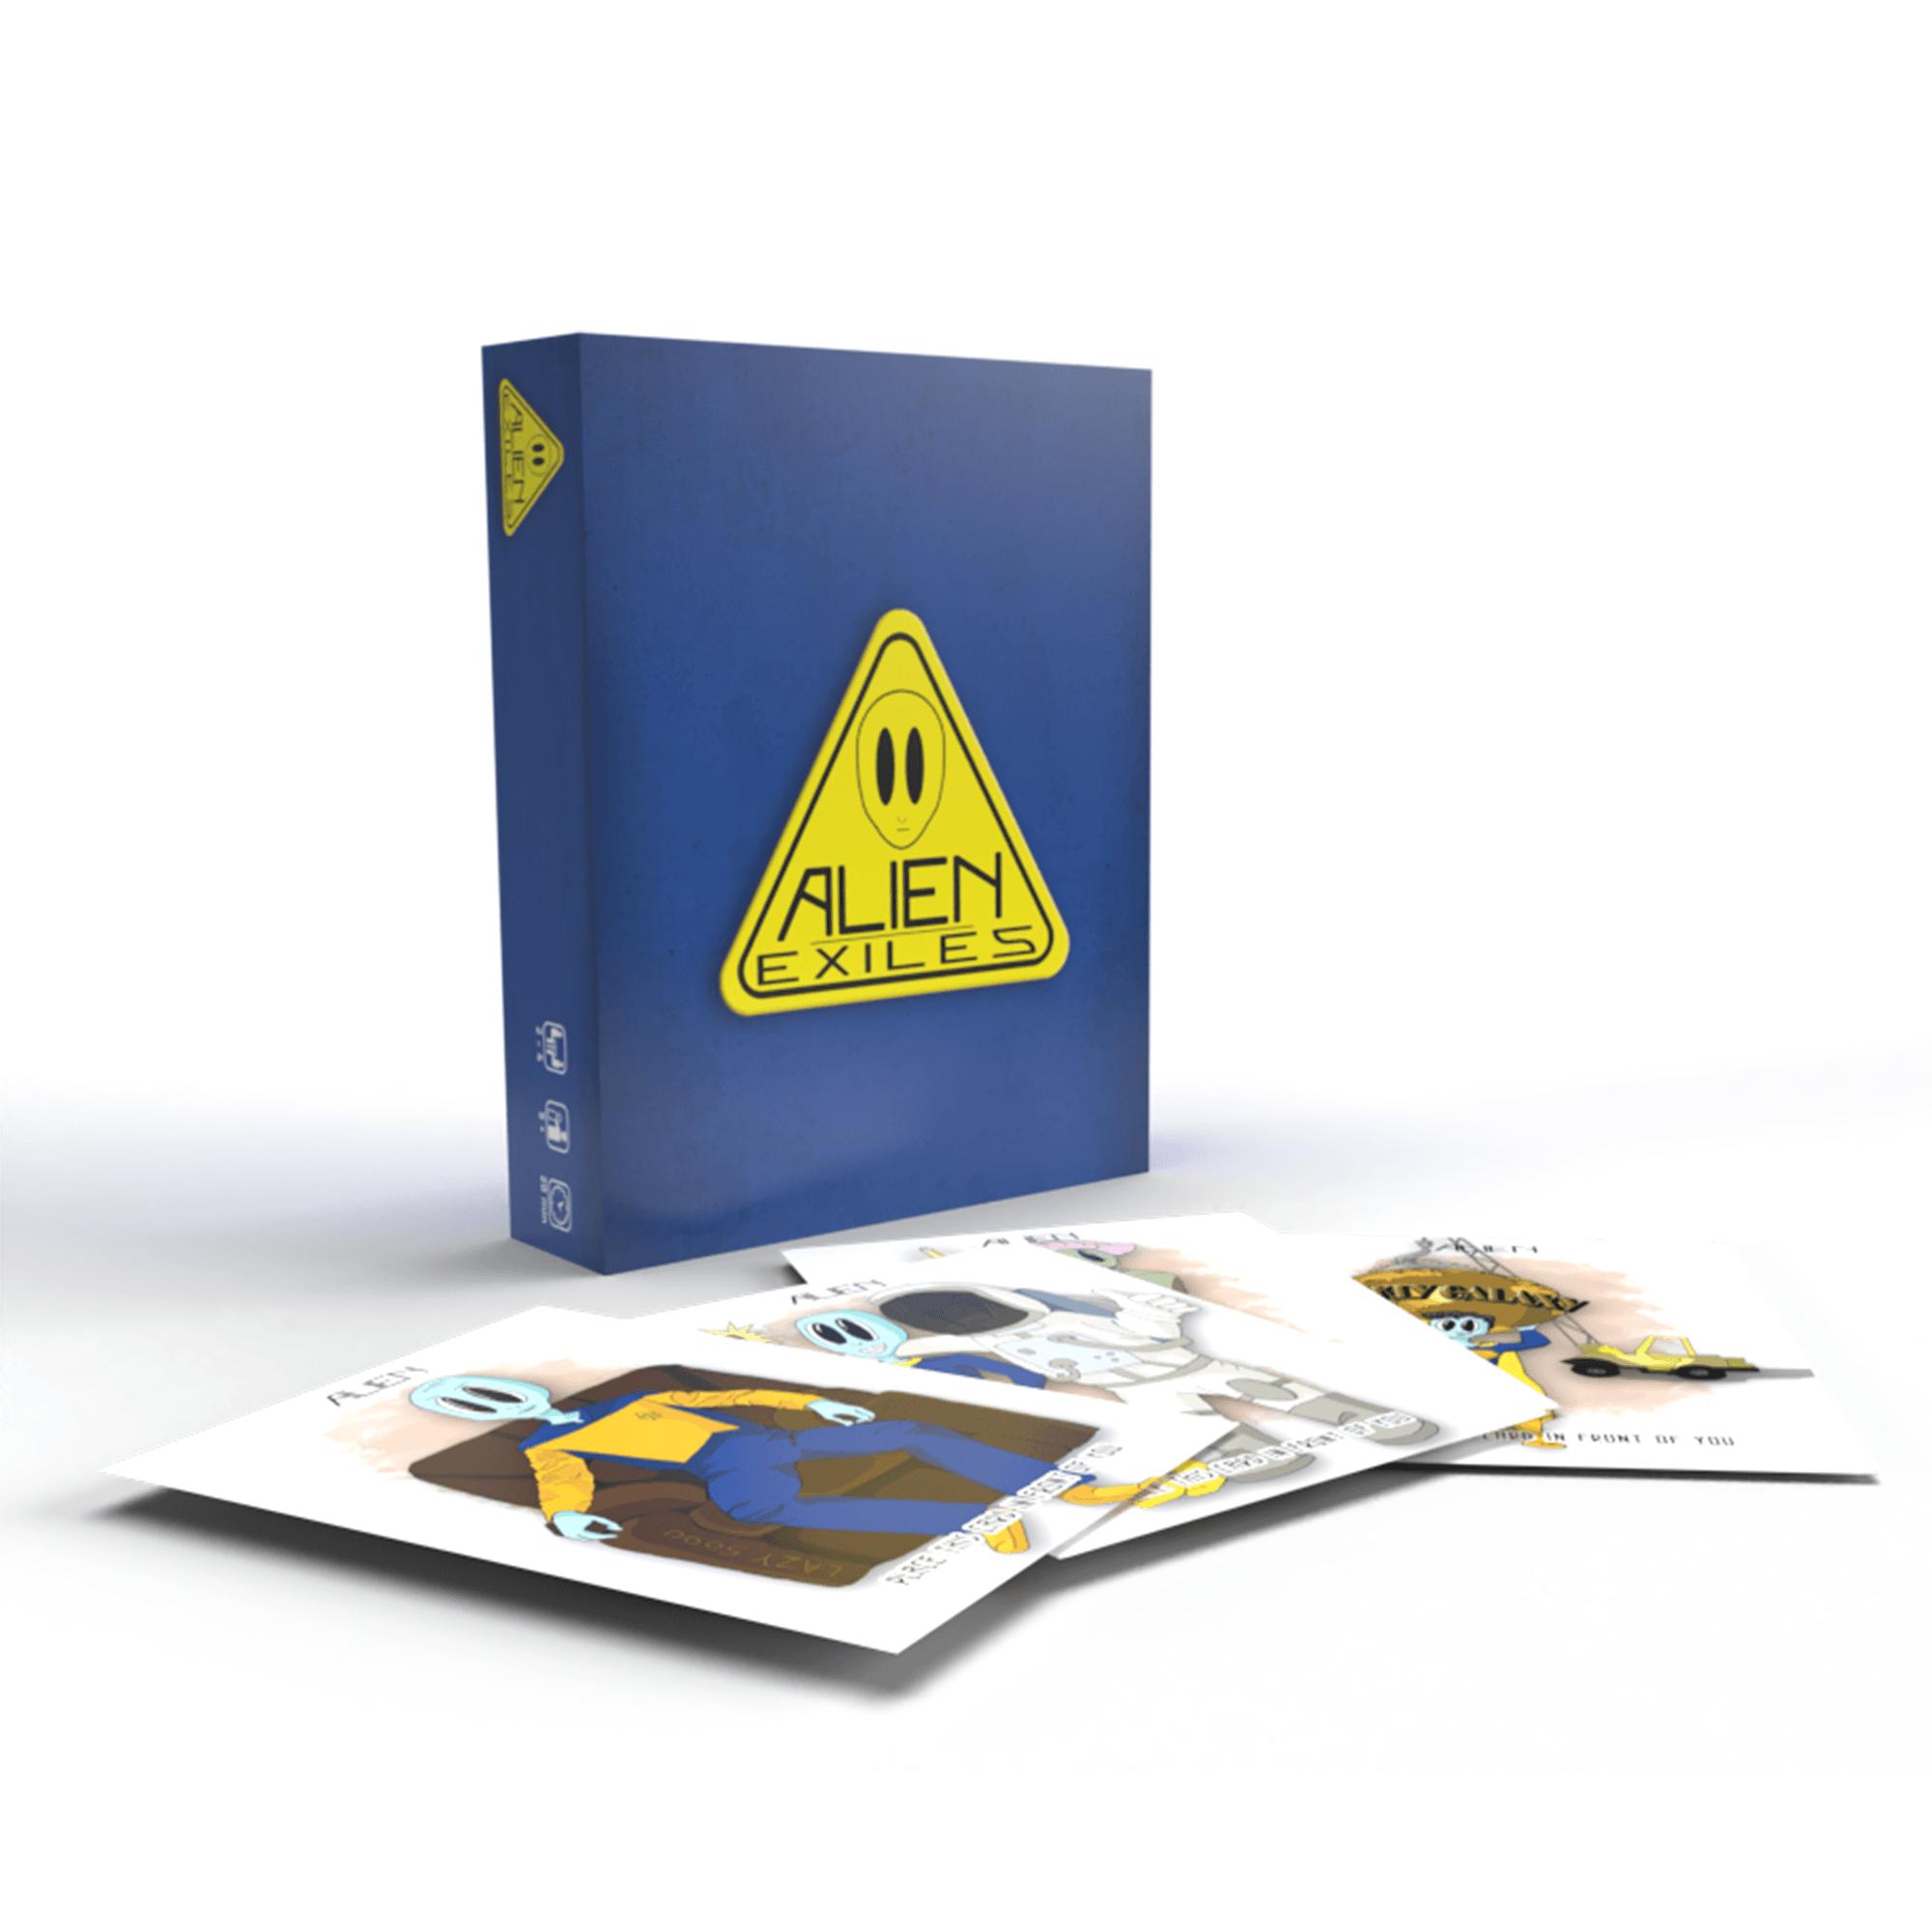 Alien Exiles